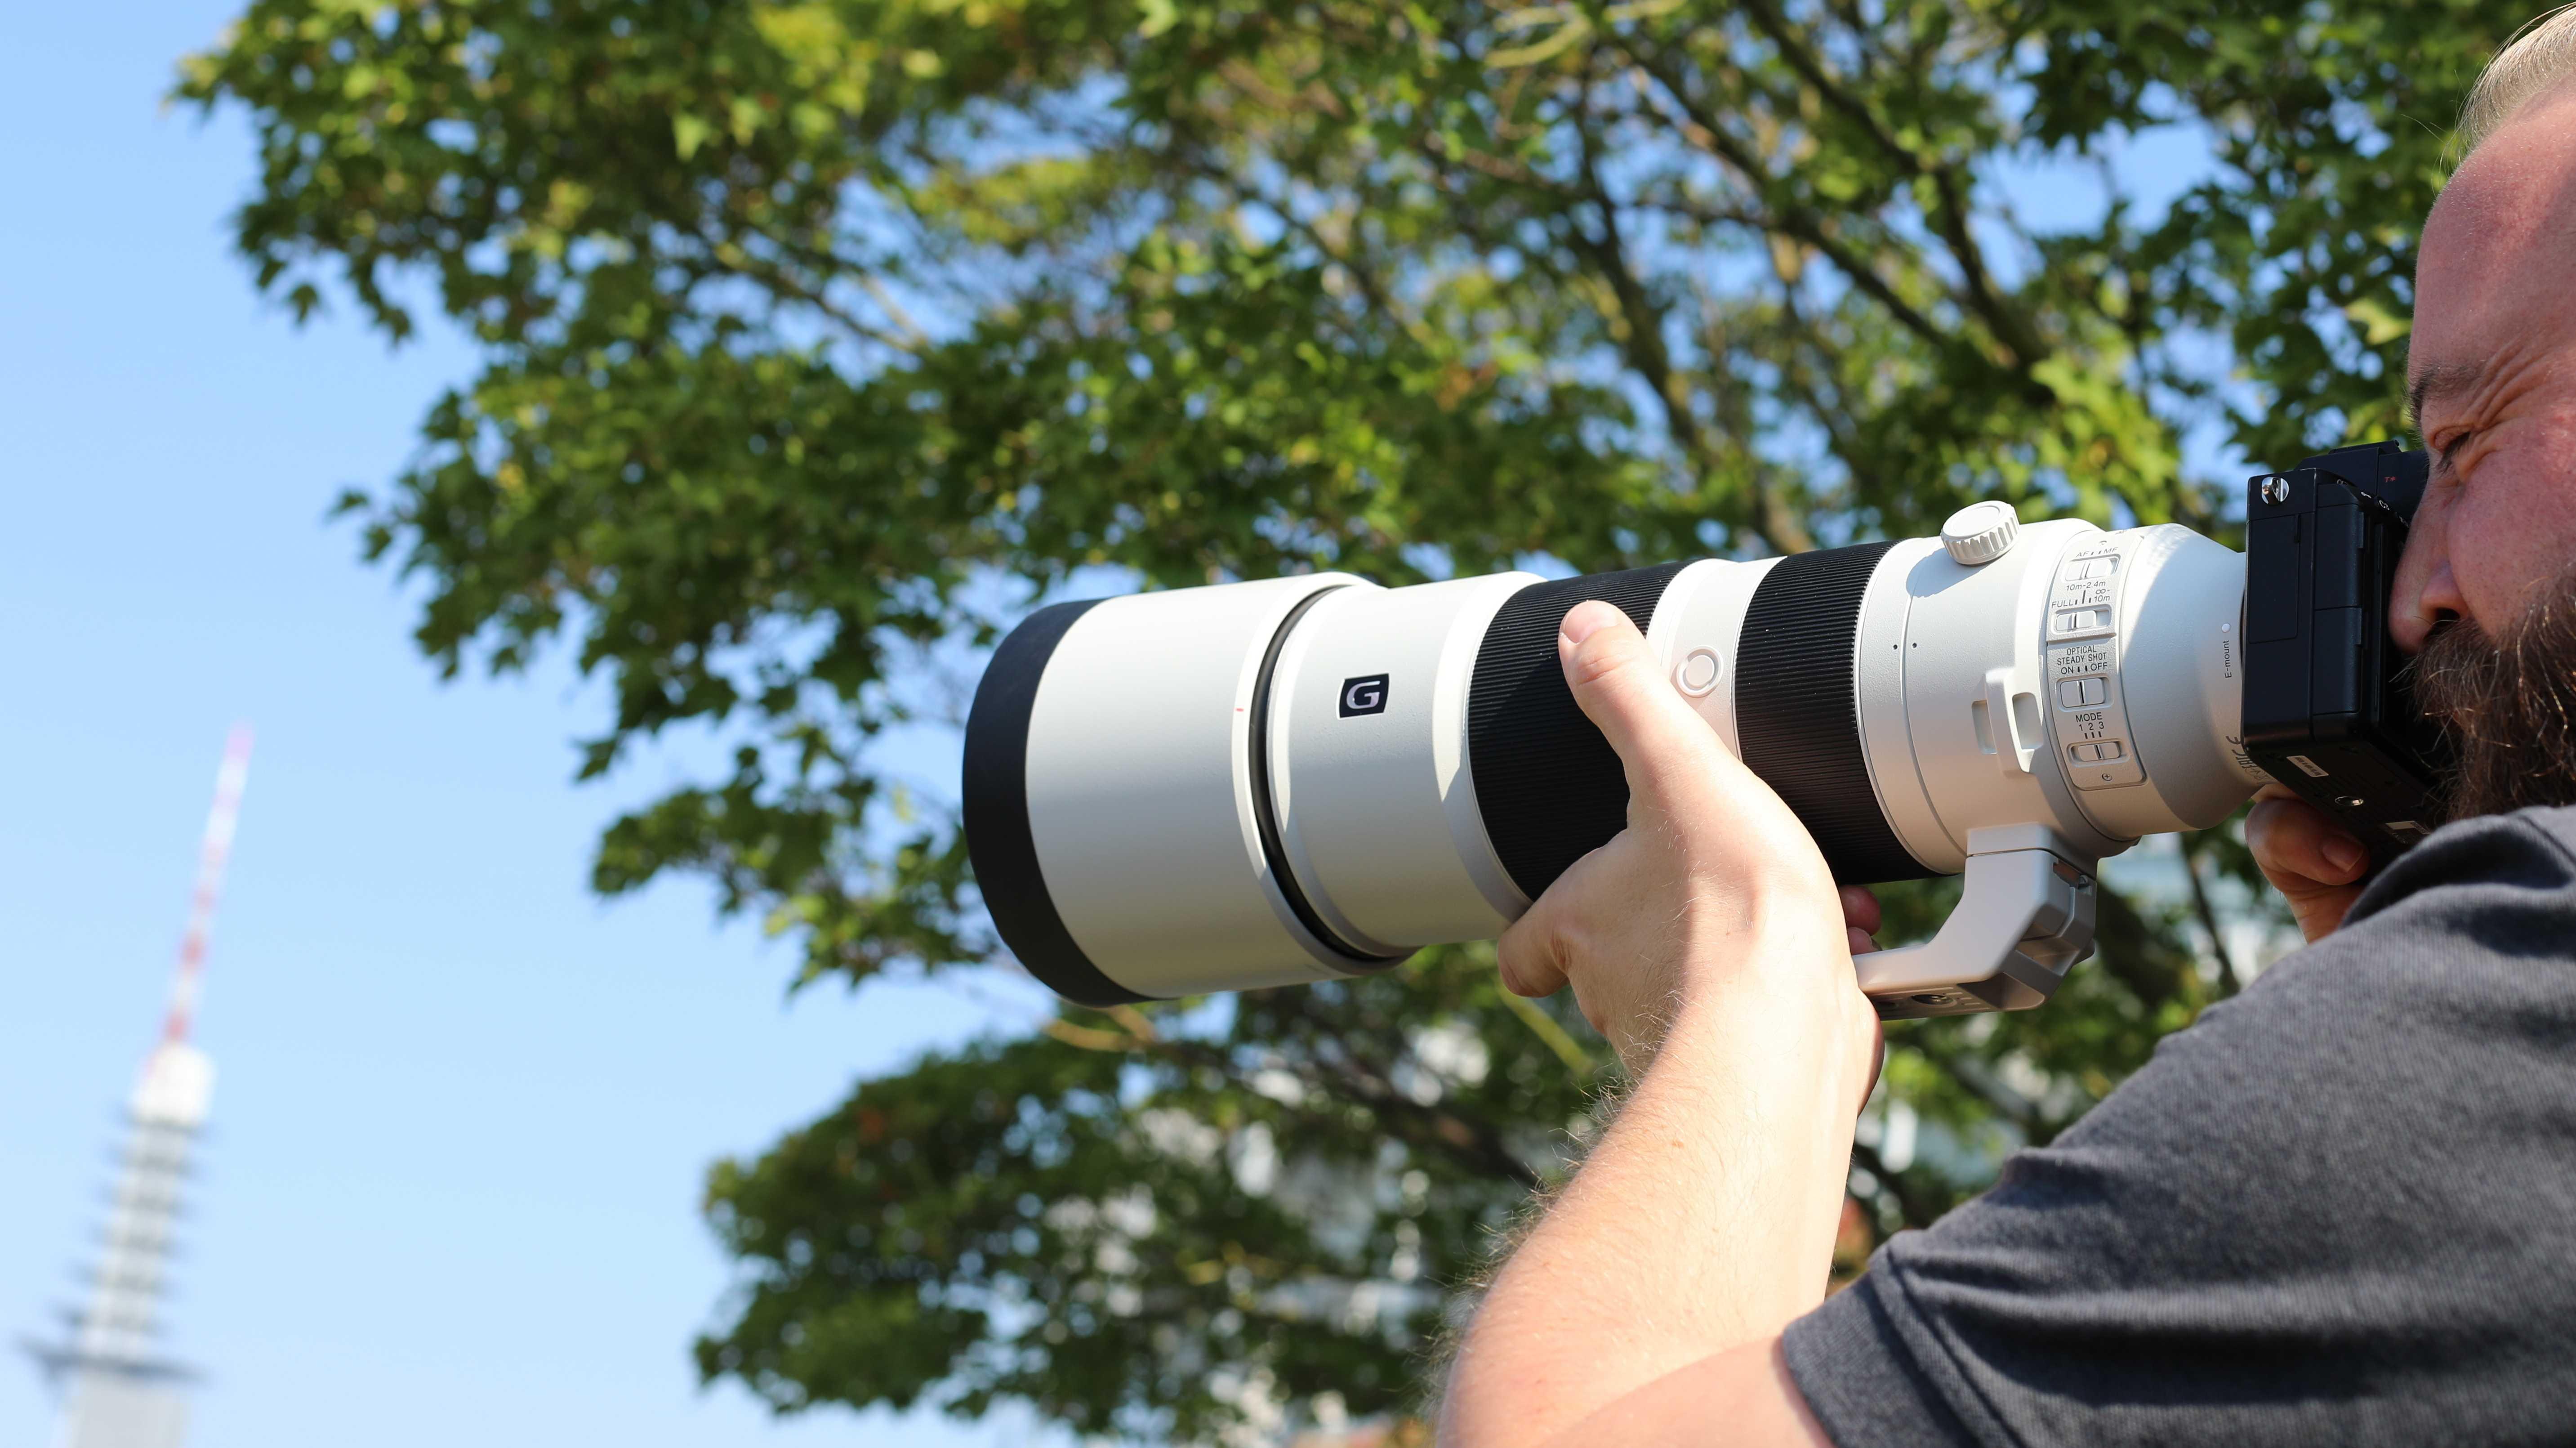 Sony FE 200-600 mm ausprobiert: Mehr Brennweite für Sonys spiegellose Kameras